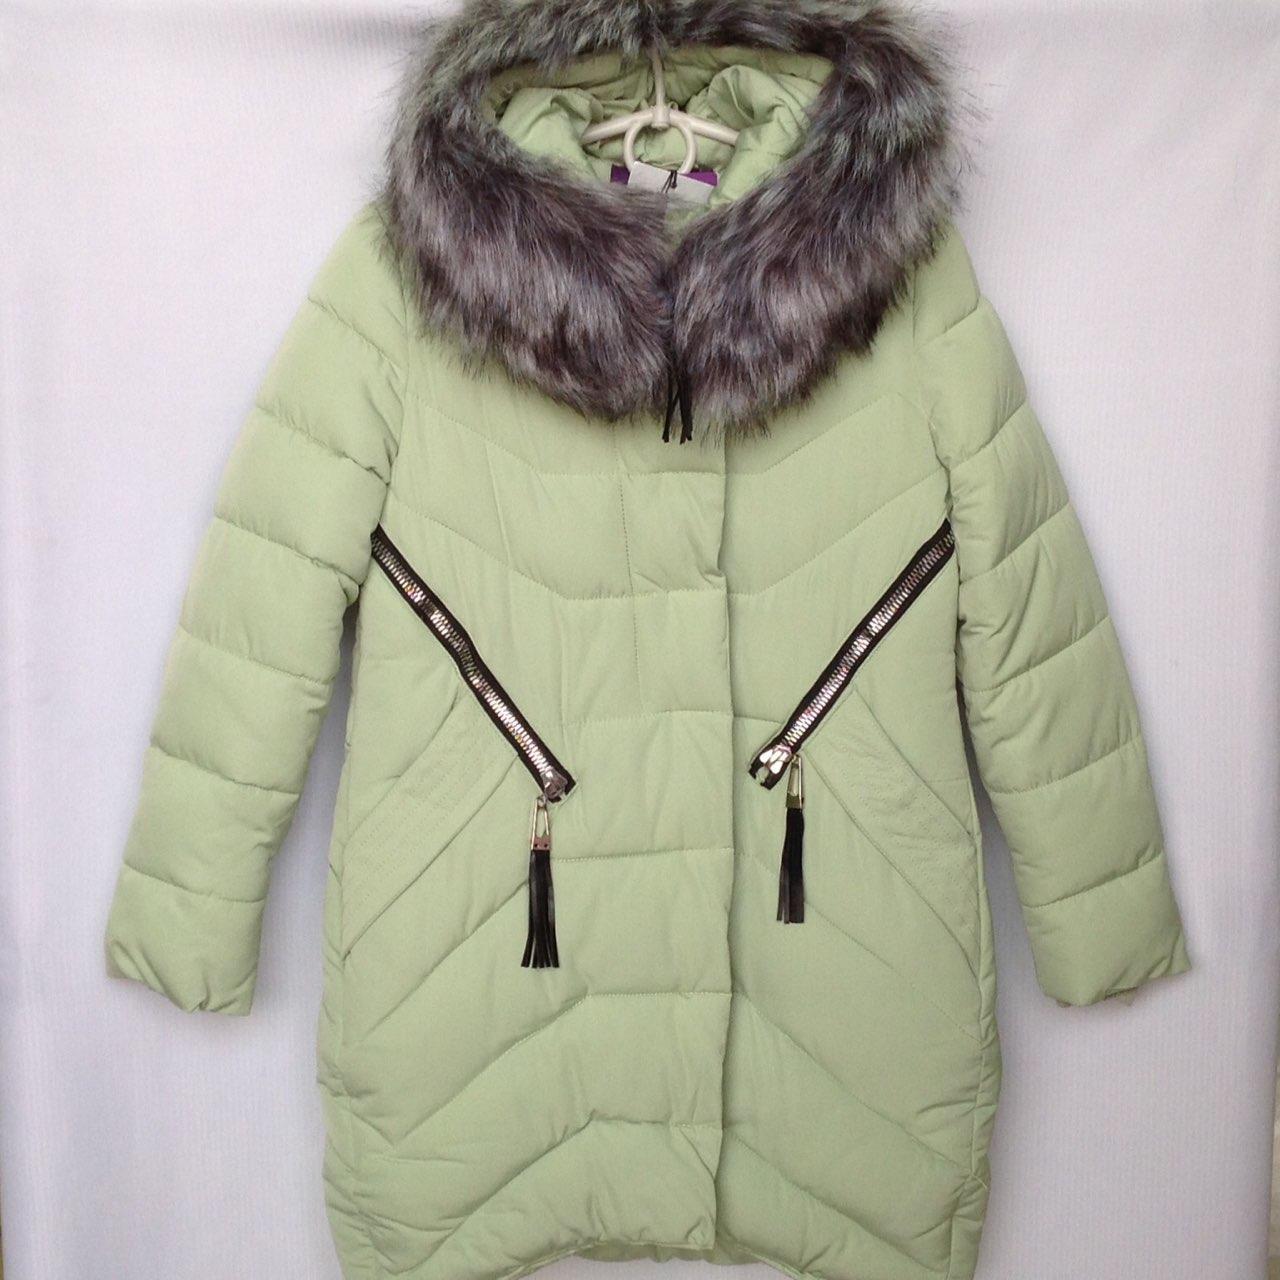 Куртка-пальто подростковая зимняя NIKA #6017 для девочек. 134-158 см (9-13 лет). Нежно-зеленая. Оптом.